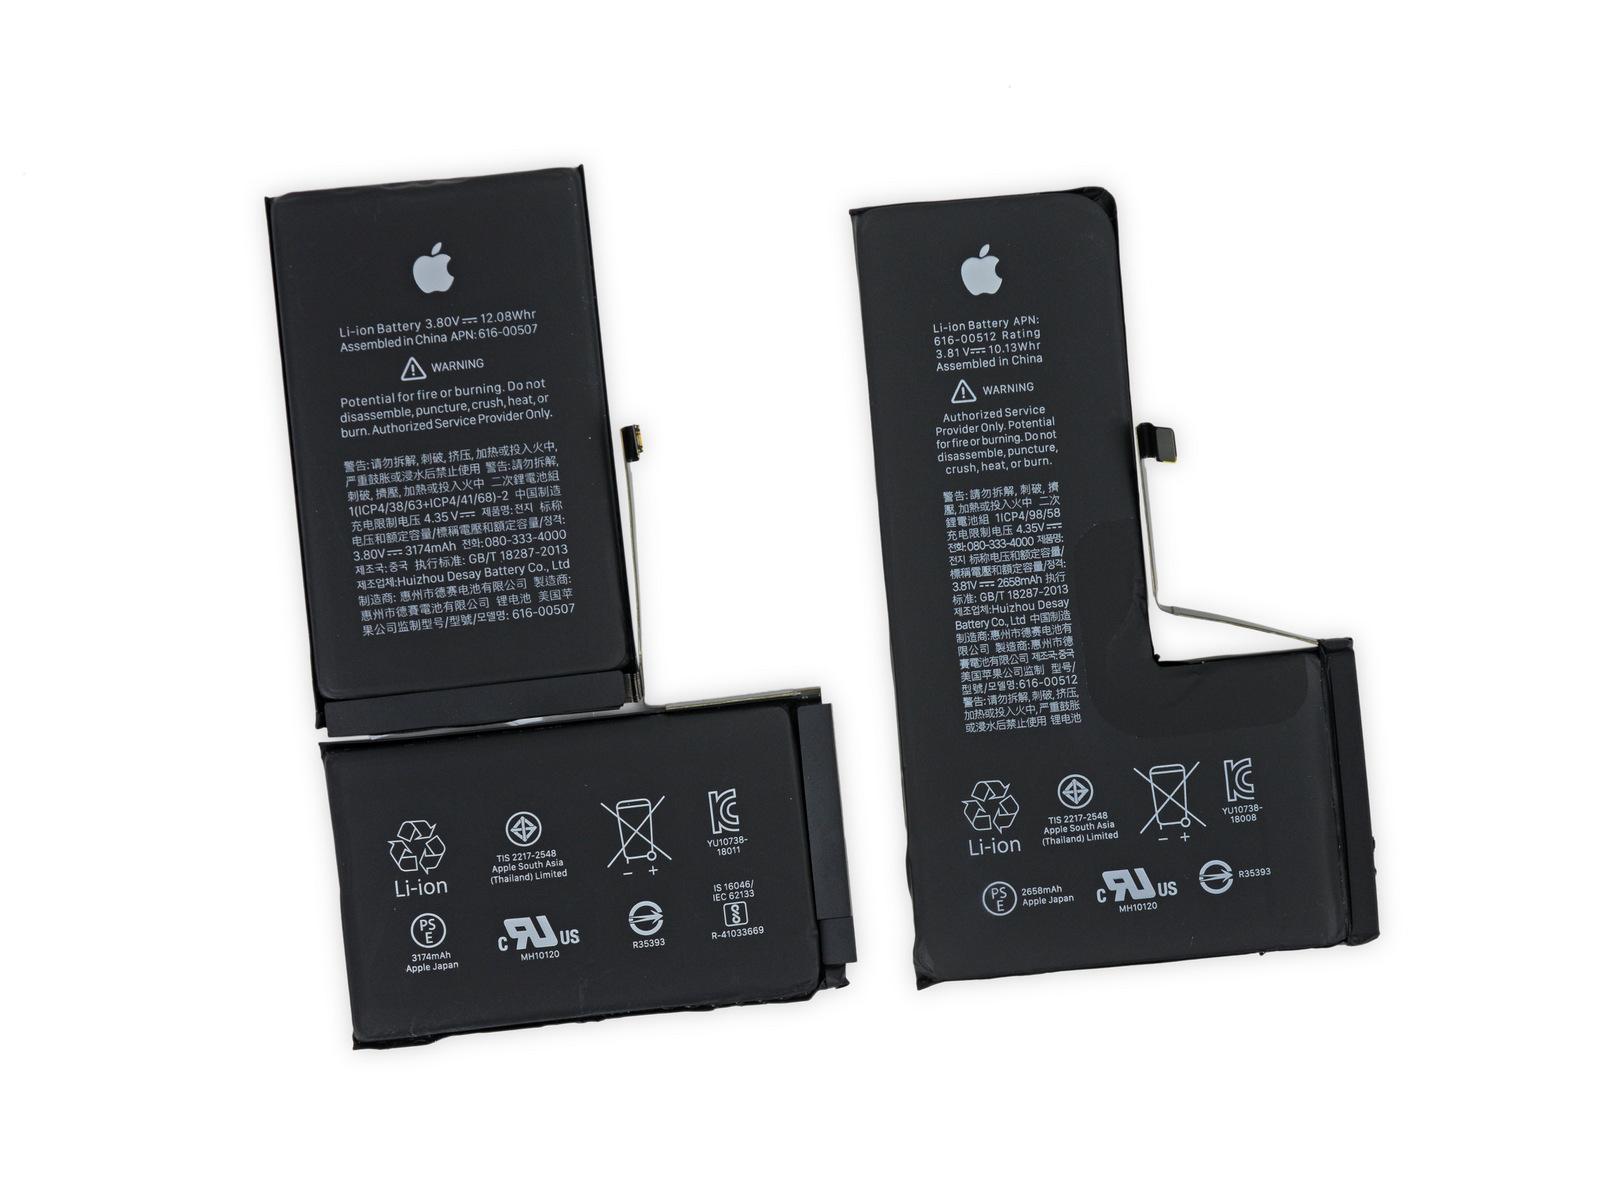 Эксперты из iFixit разобрали iPhone XS и XS Max и испытали их влагозащиту необычным способом - фото 3 | Сервисный центр Total Apple